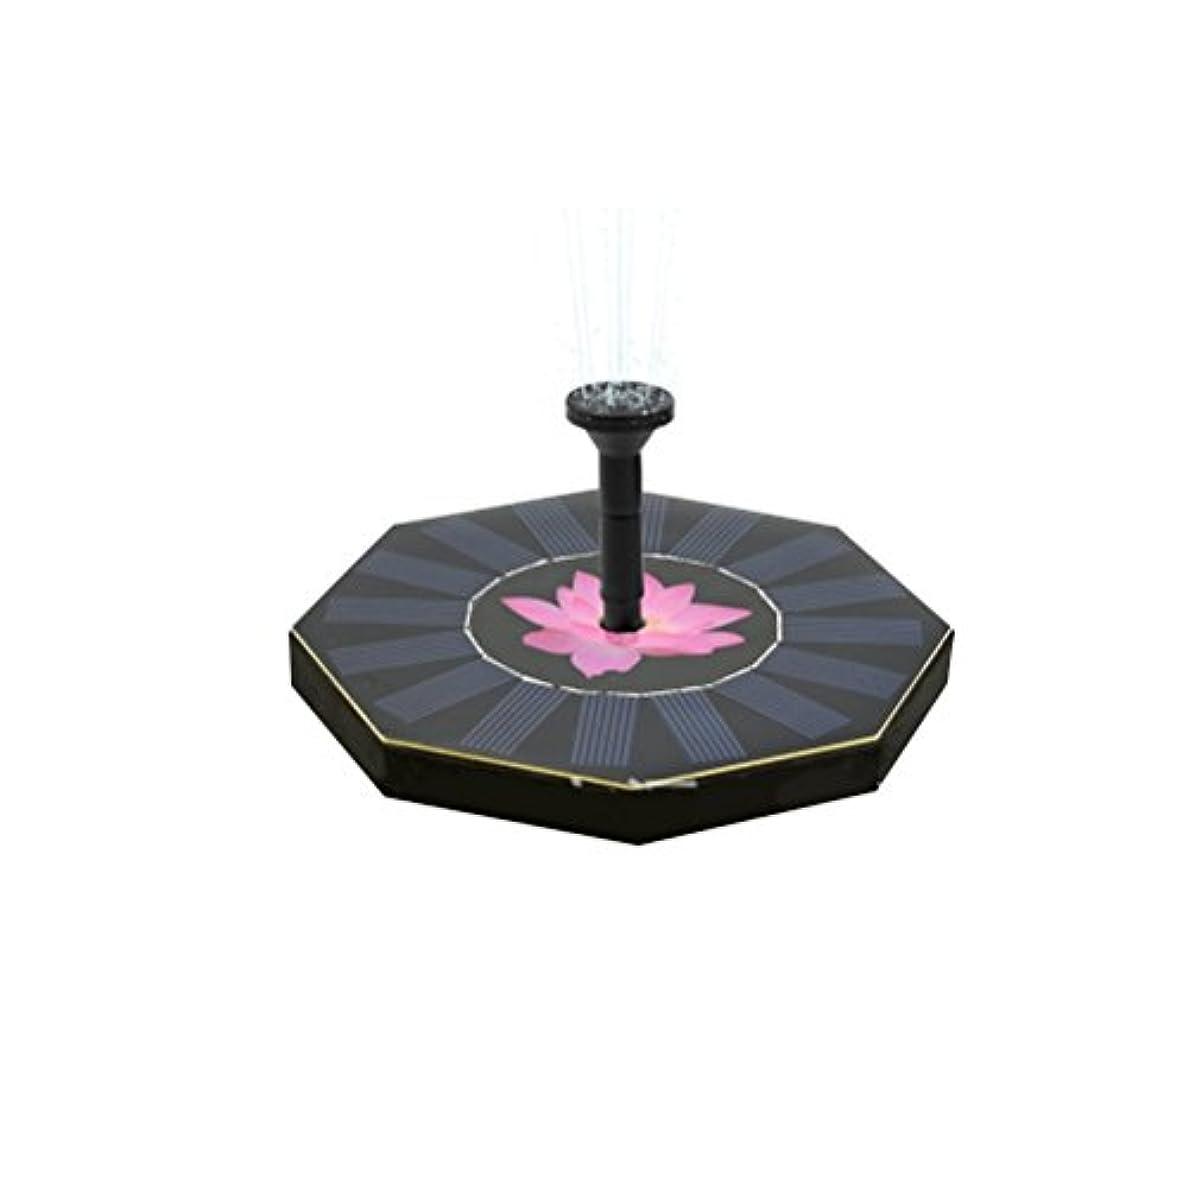 凍った社会主義大OUNONA 噴水ポンプ ポンプ ソーラー パネル 省エネ 噴水 庭 池 ガーデン 芝生 LEDライト付き 1.4w 最大流量200L/h